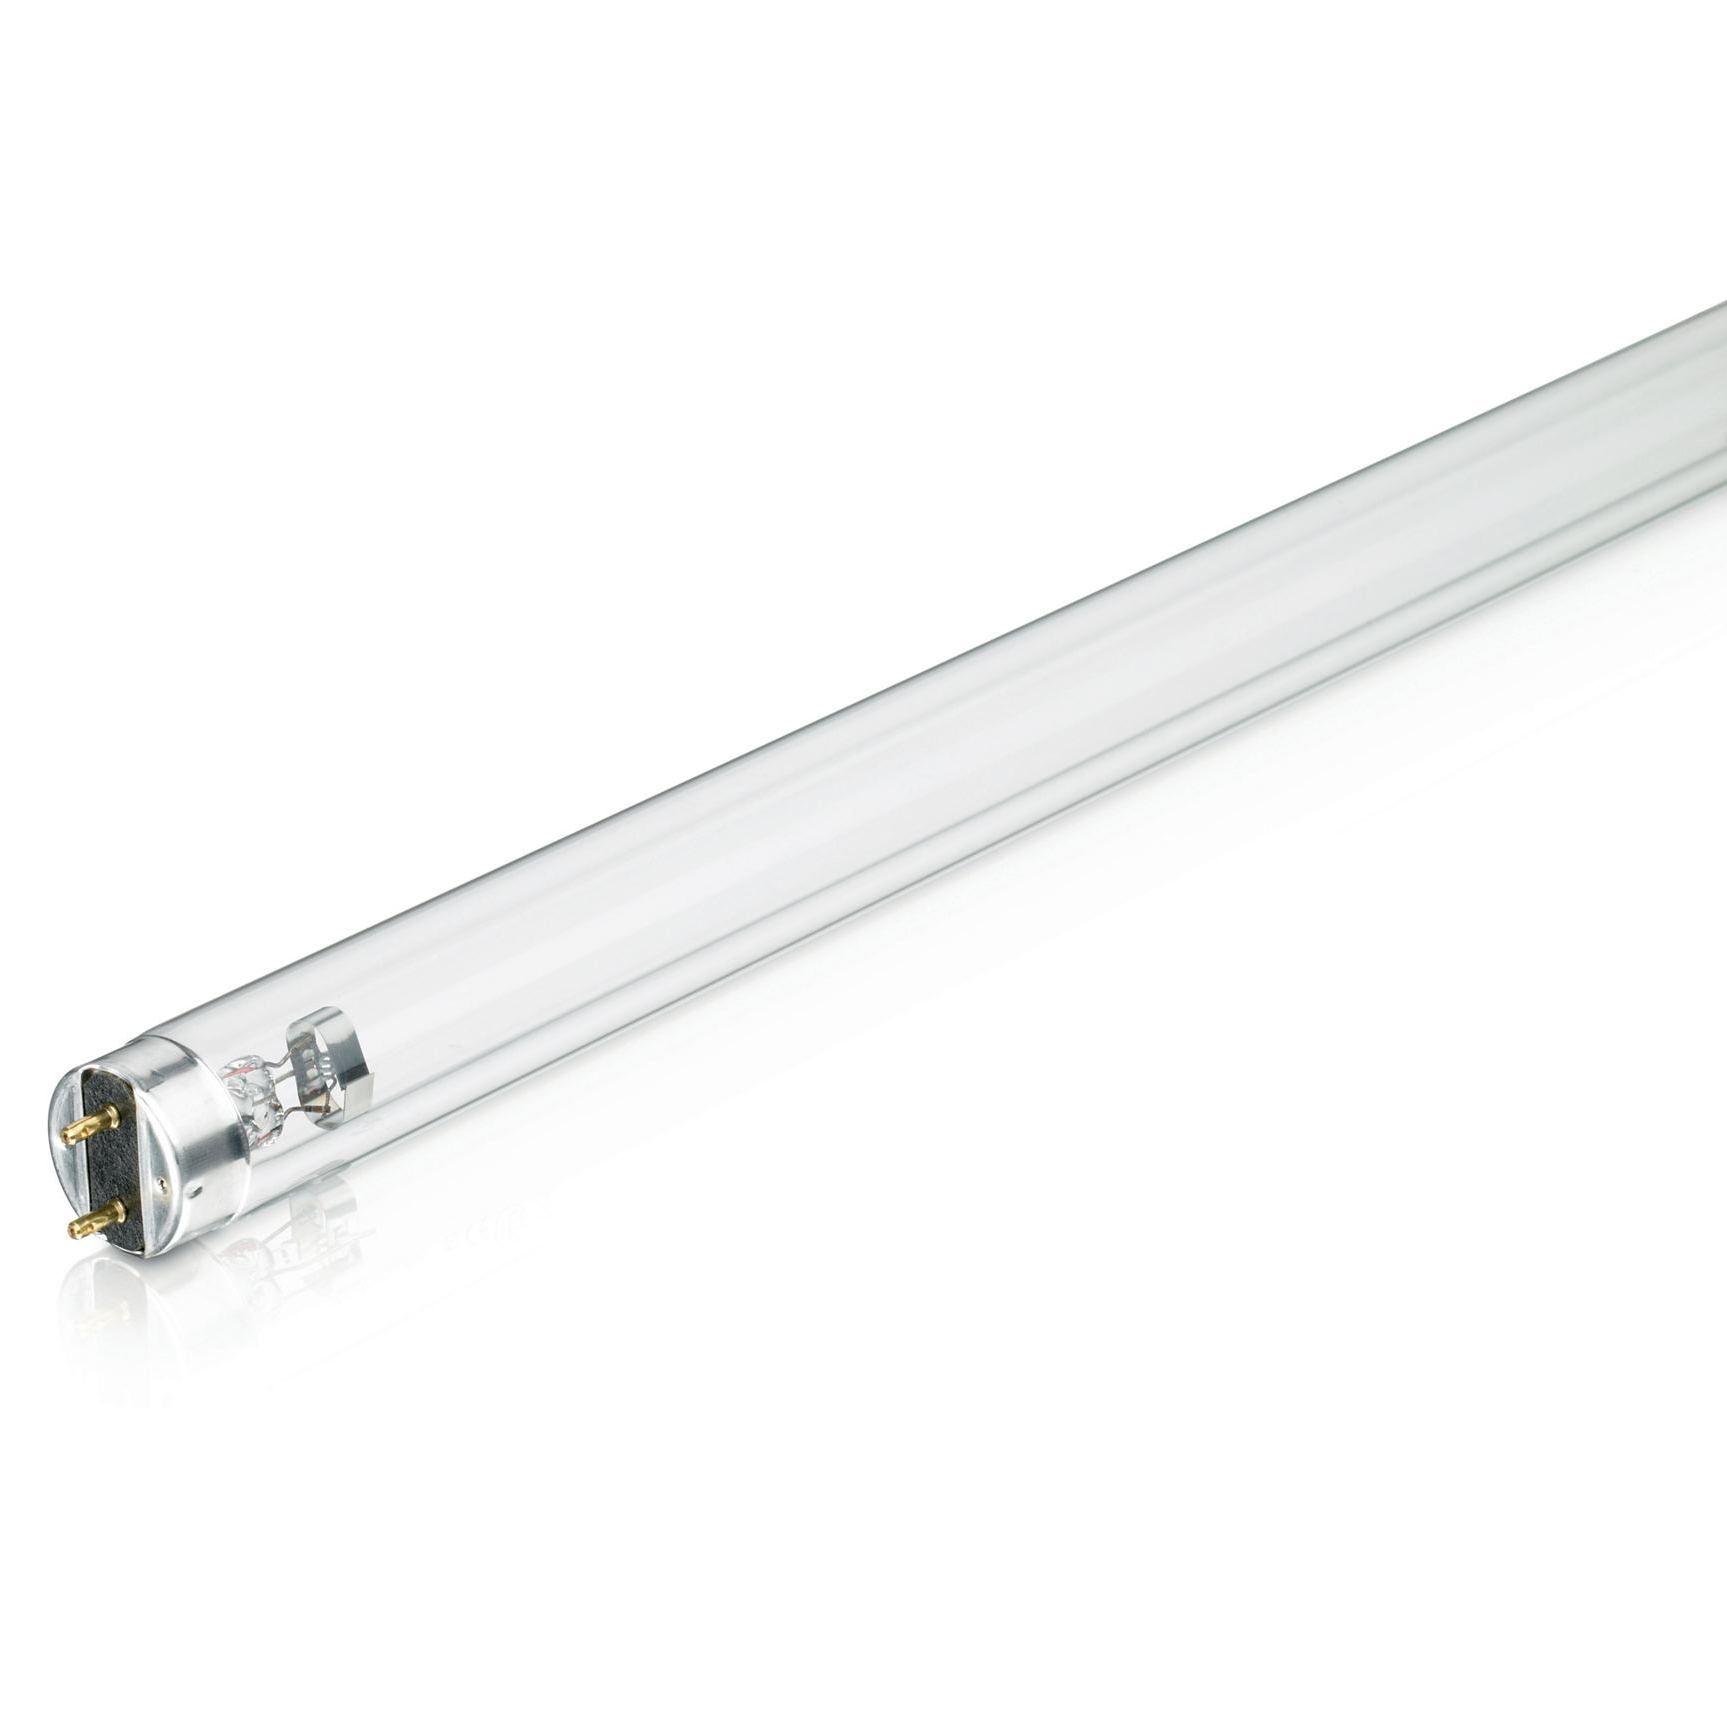 Купить Лампа люминесцентная Philips TUV 30W 1SL/25 Т8 (d26) 900мм 30Вт G13 бактерицидна